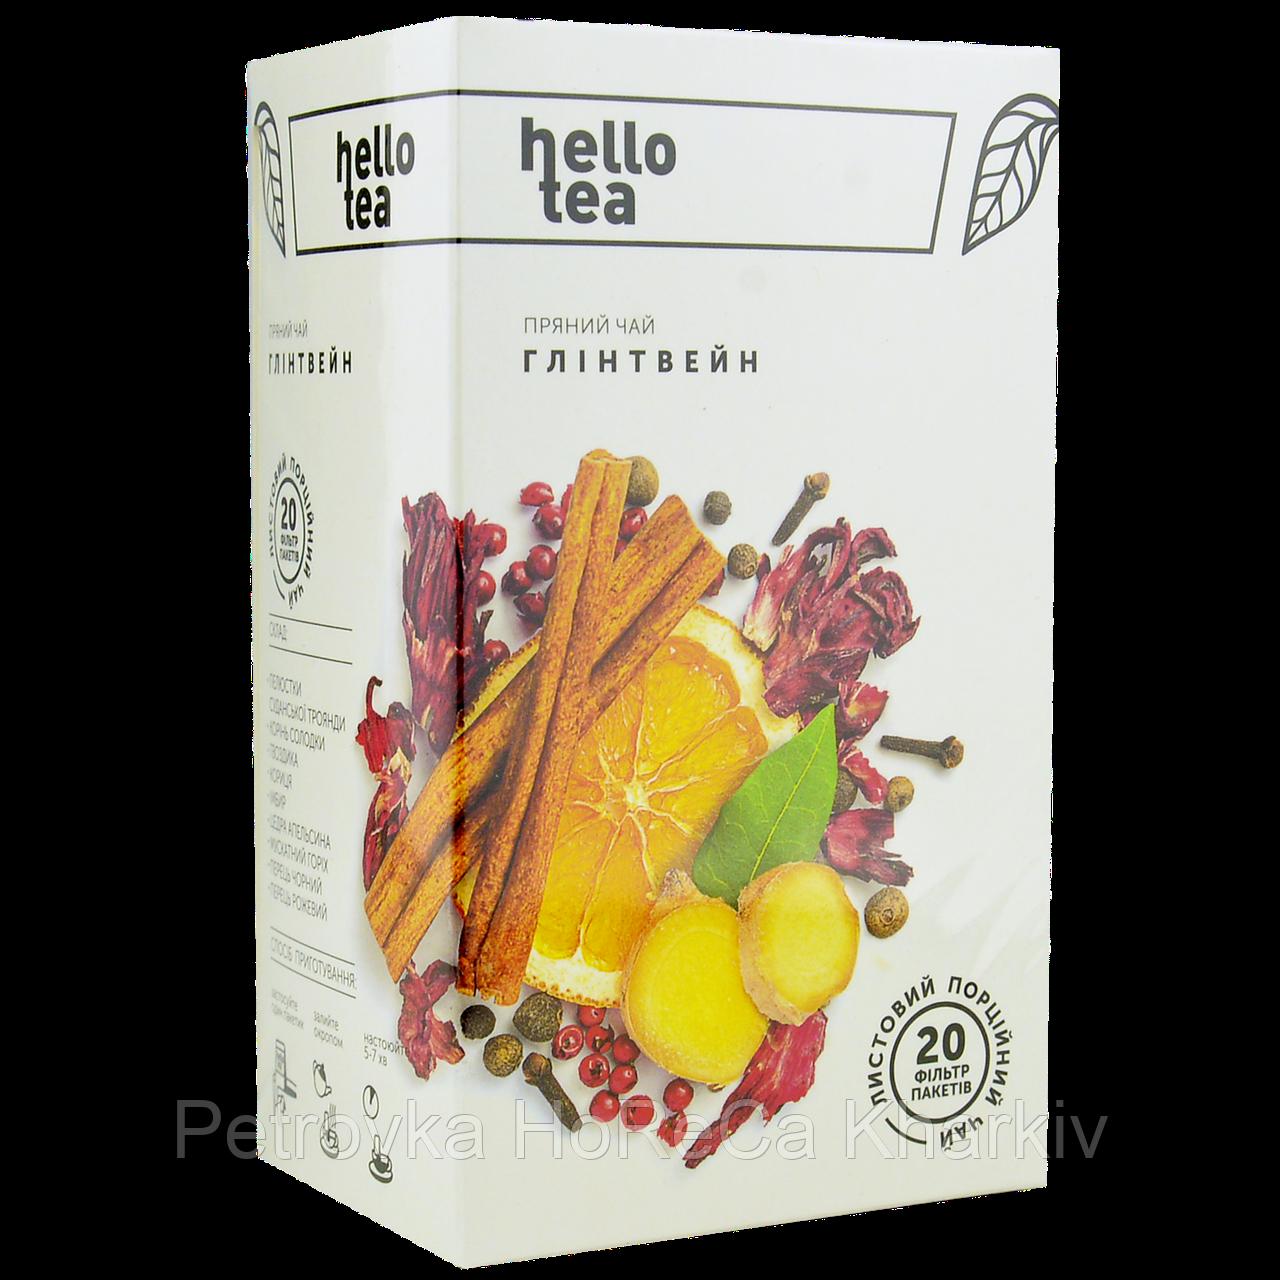 Чай Hello tea Mulled wine Глінтвейн